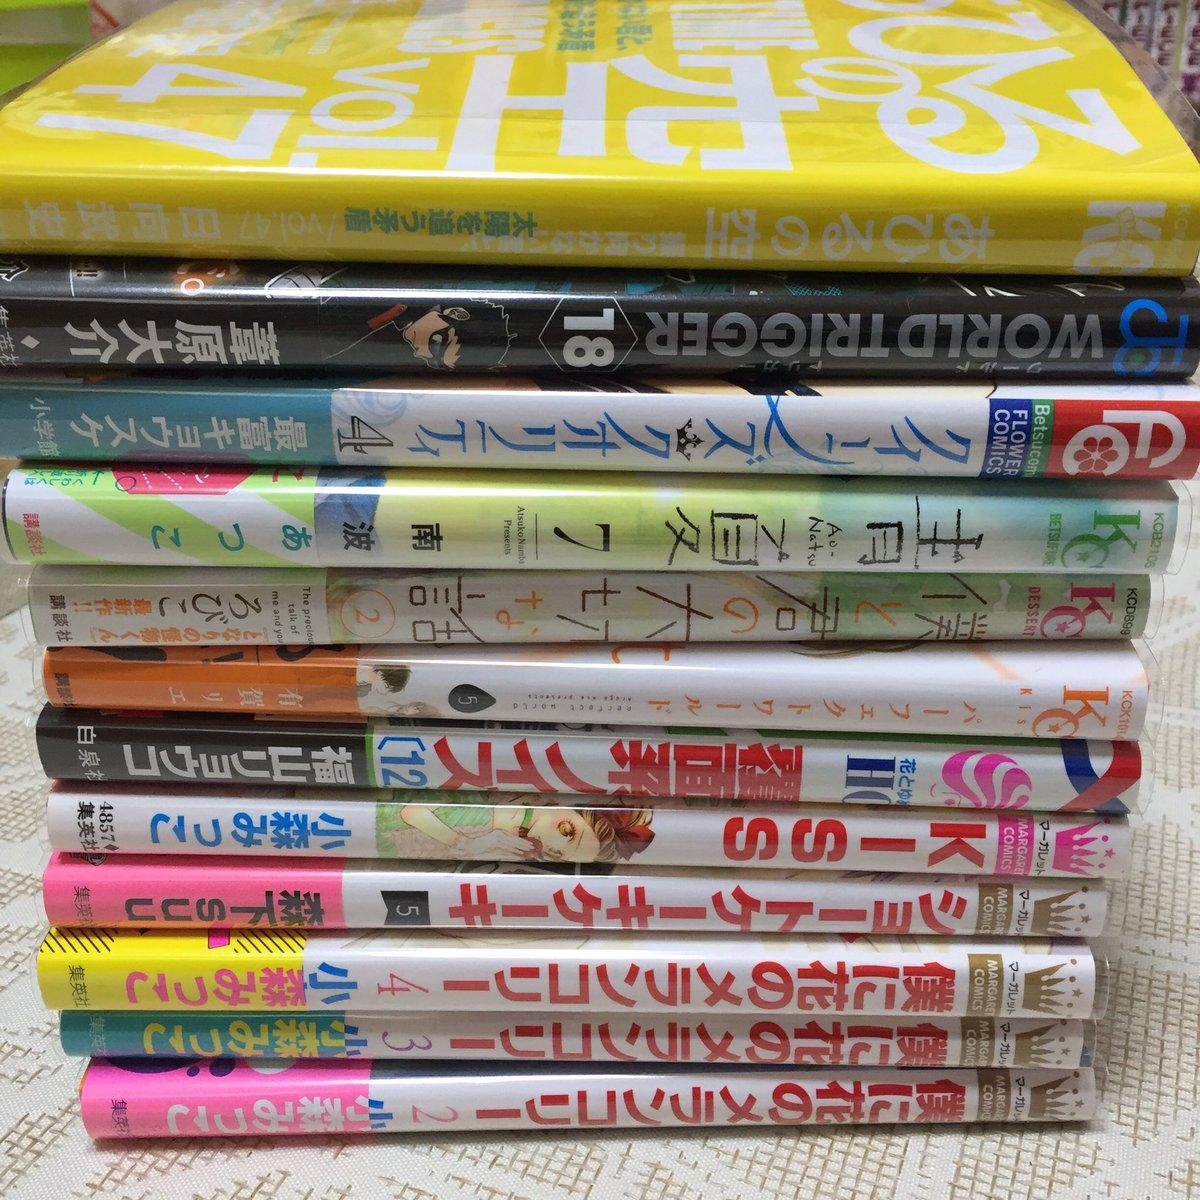 私にしては珍しい積読本📚12冊3月の新刊とみっこ先生作品ハイキュー、赤髪の白雪姫、この音とまれ、ダイヤのA、ロンプラ、ふ